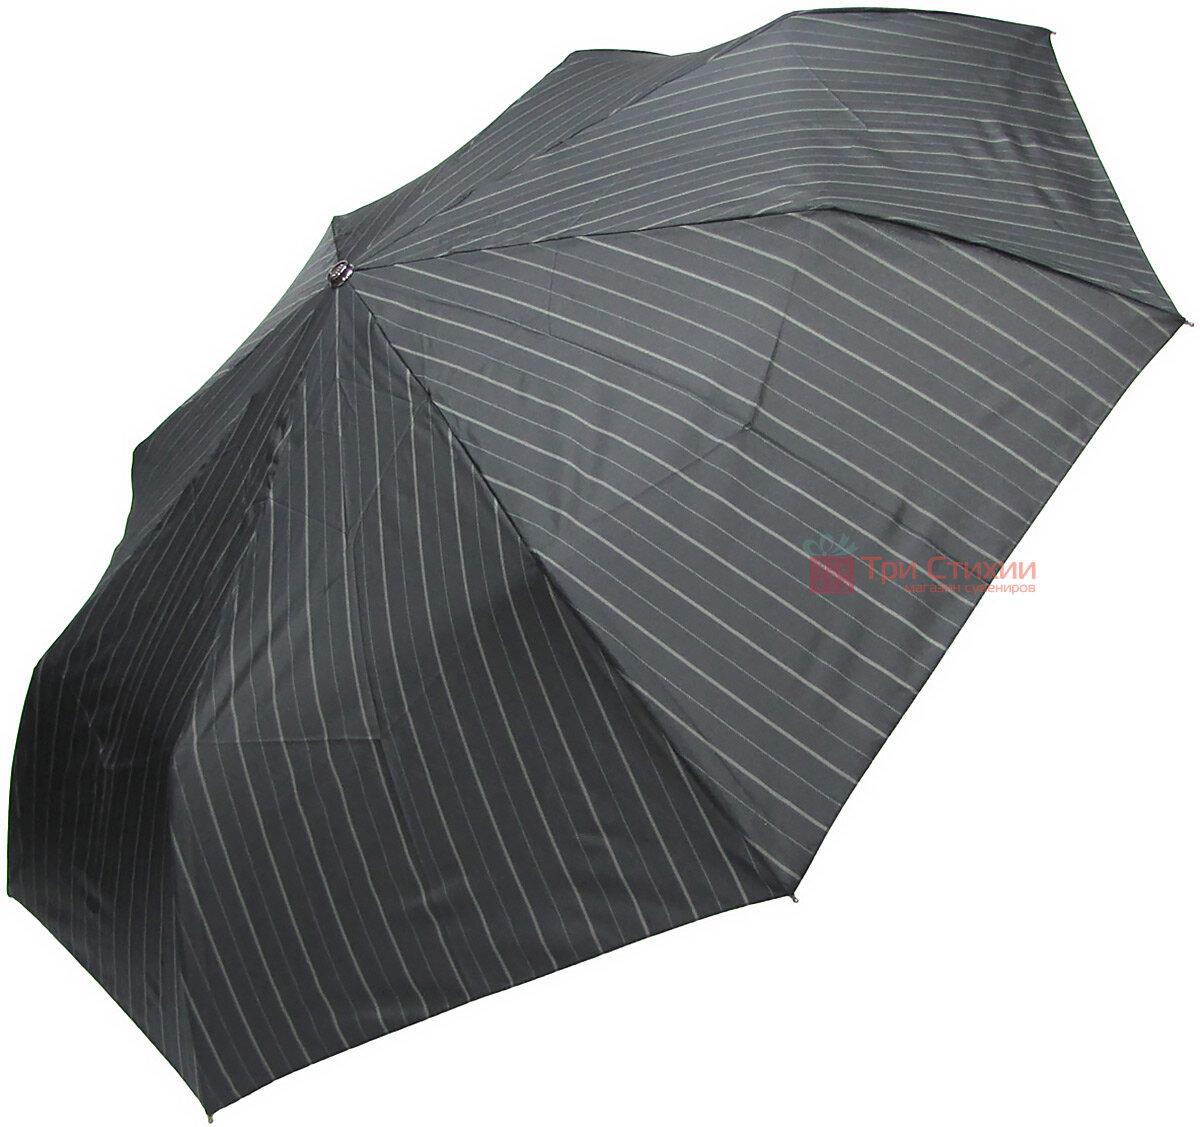 Зонт складной Doppler XM 74367N-4 автомат Черный серая полоска, фото